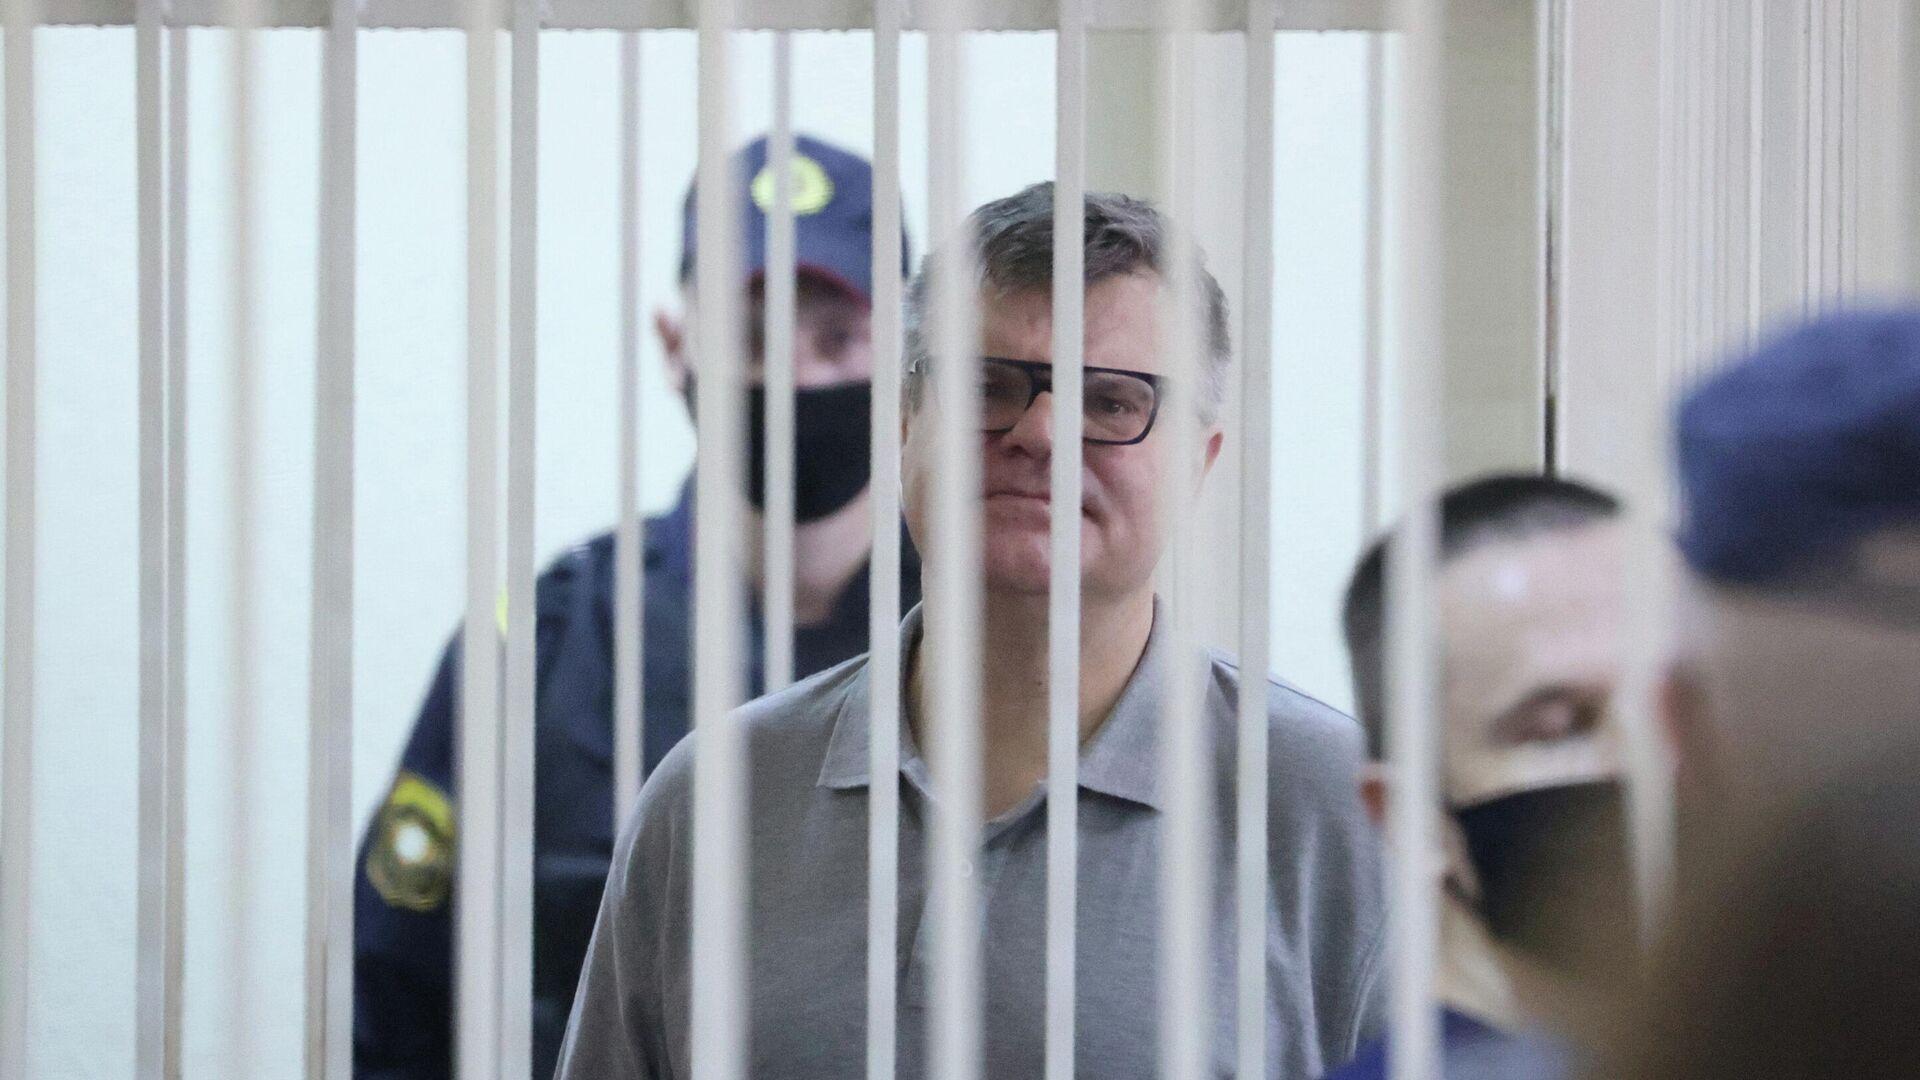 Виктор Бабарико в суде во время оглашения приговора - РИА Новости, 1920, 06.07.2021